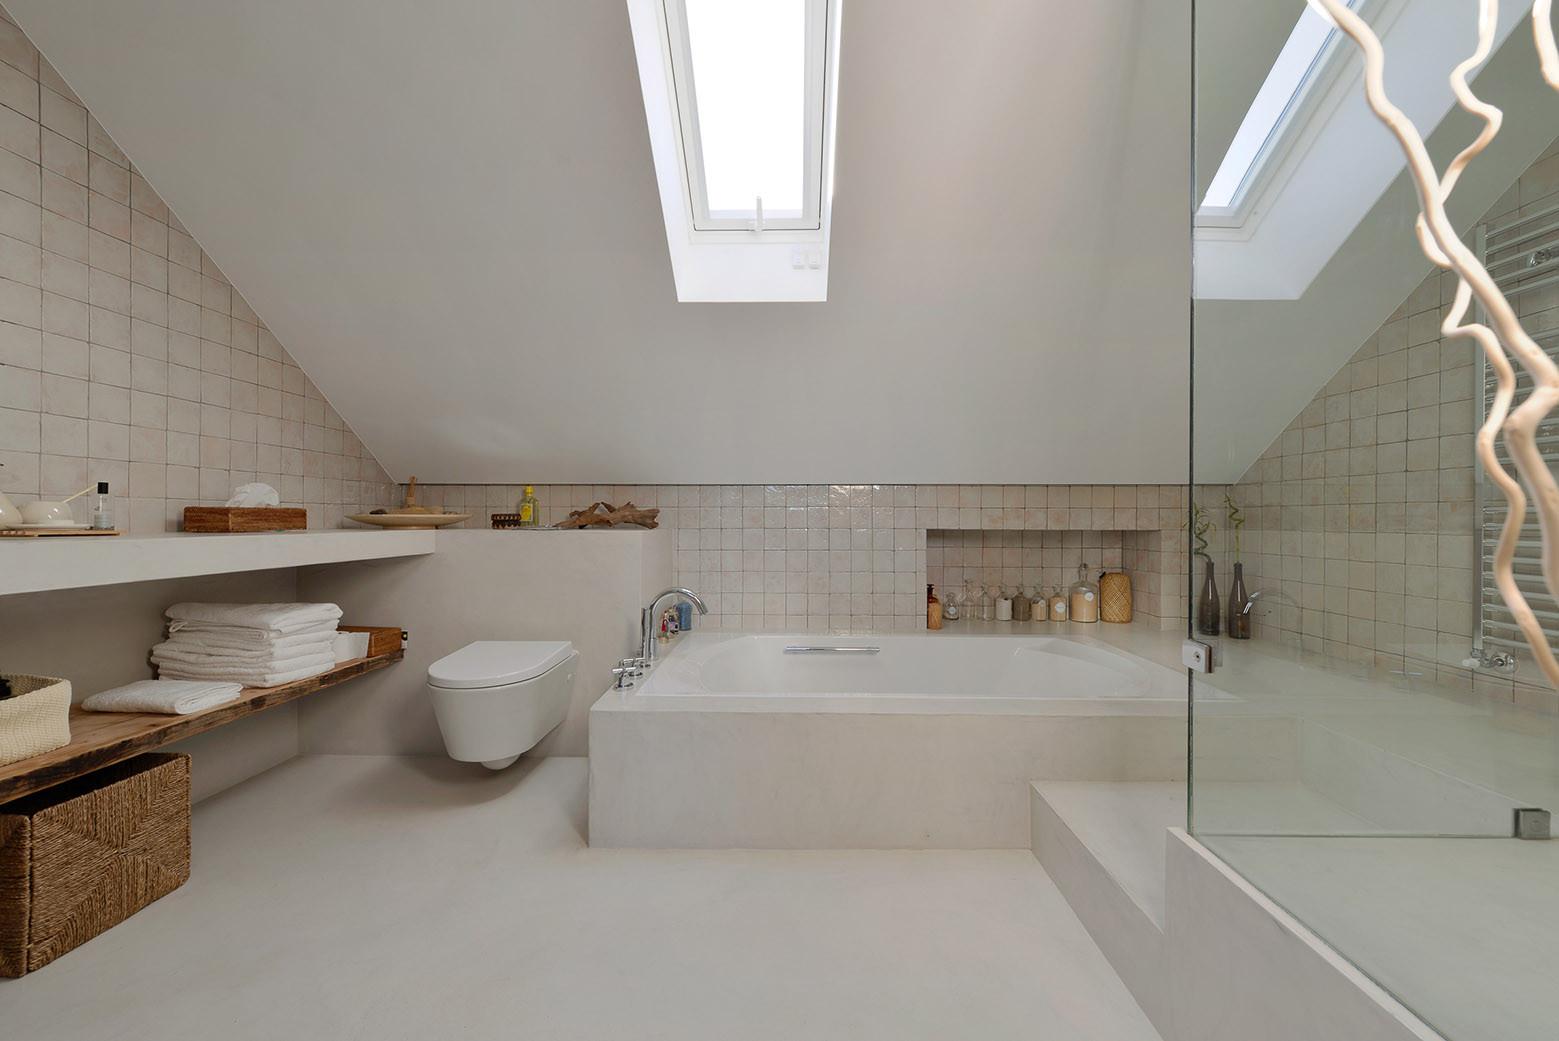 House in Estoril, Ricardo Moreno Arquitectos, Salle de bain principale